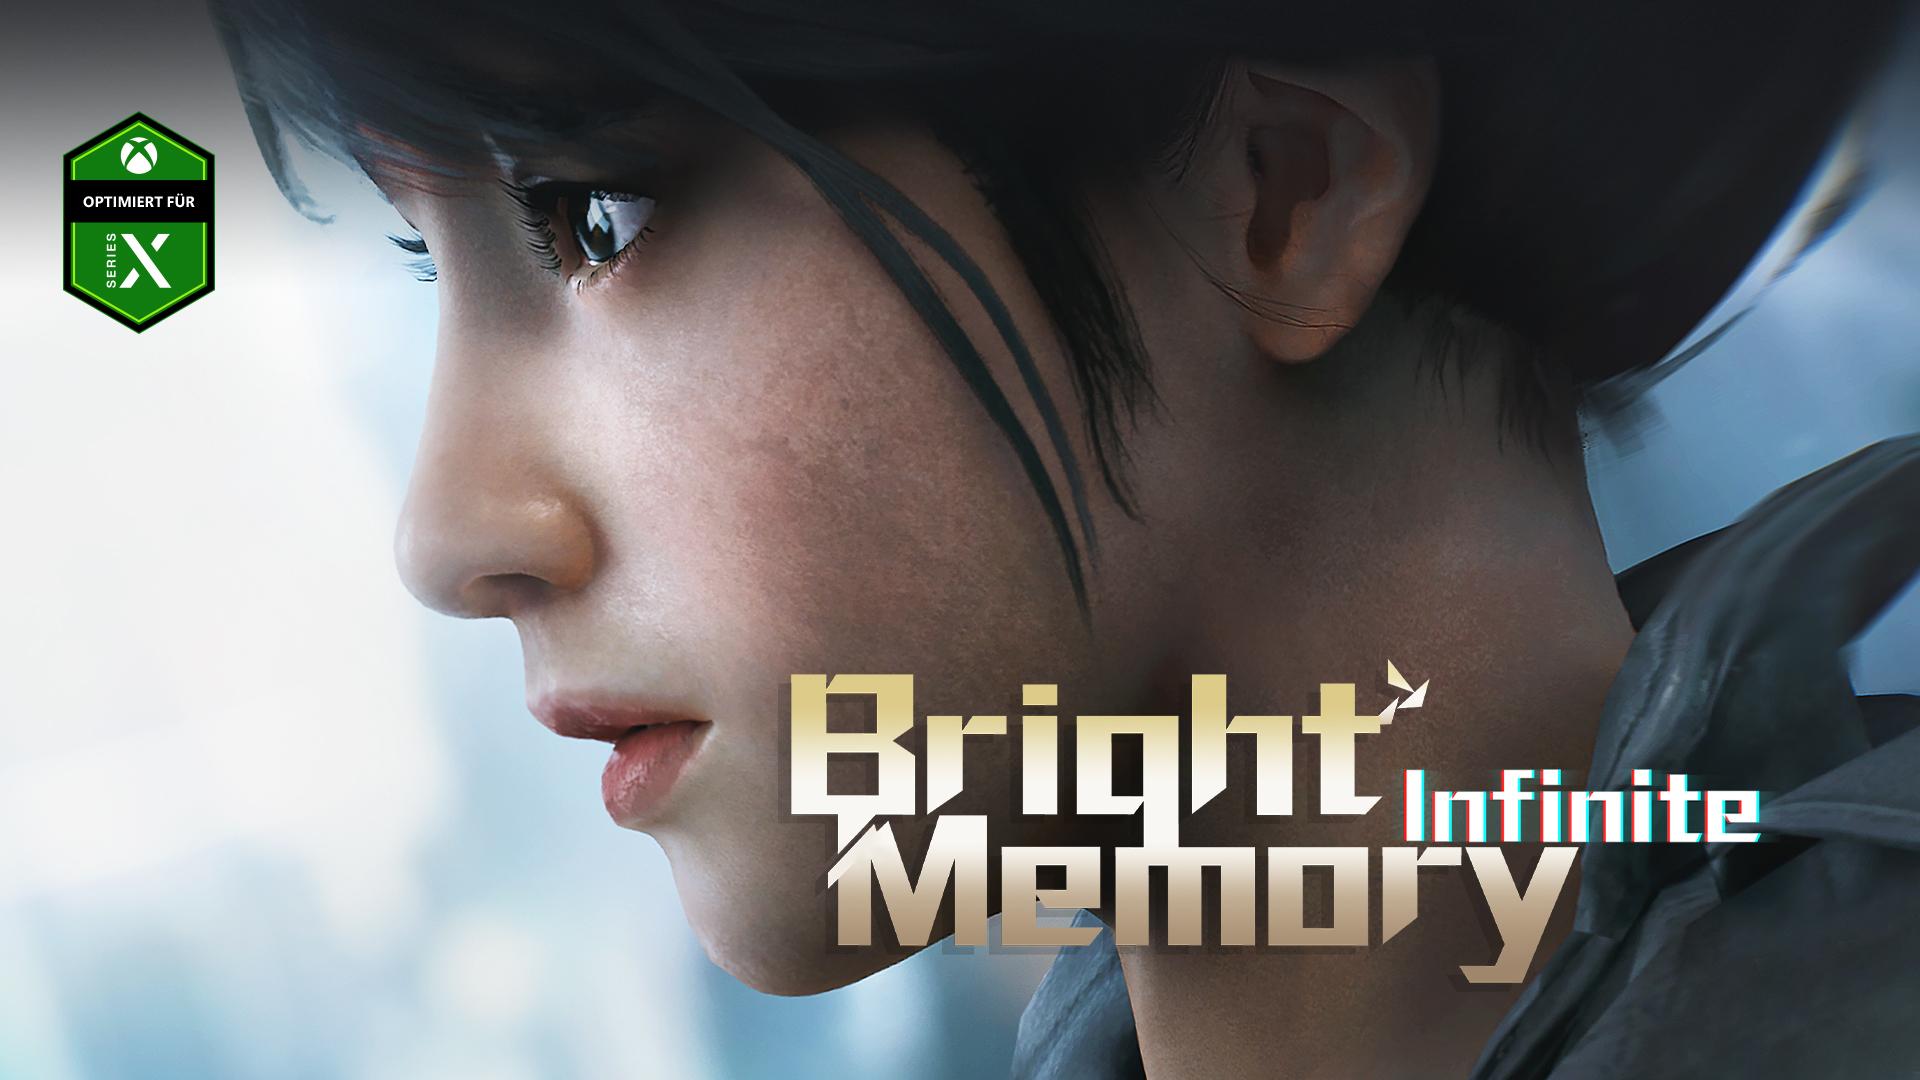 Bright Memory Infinite, optimiert für Series X, eine junge Frau schaut in die Ferne.